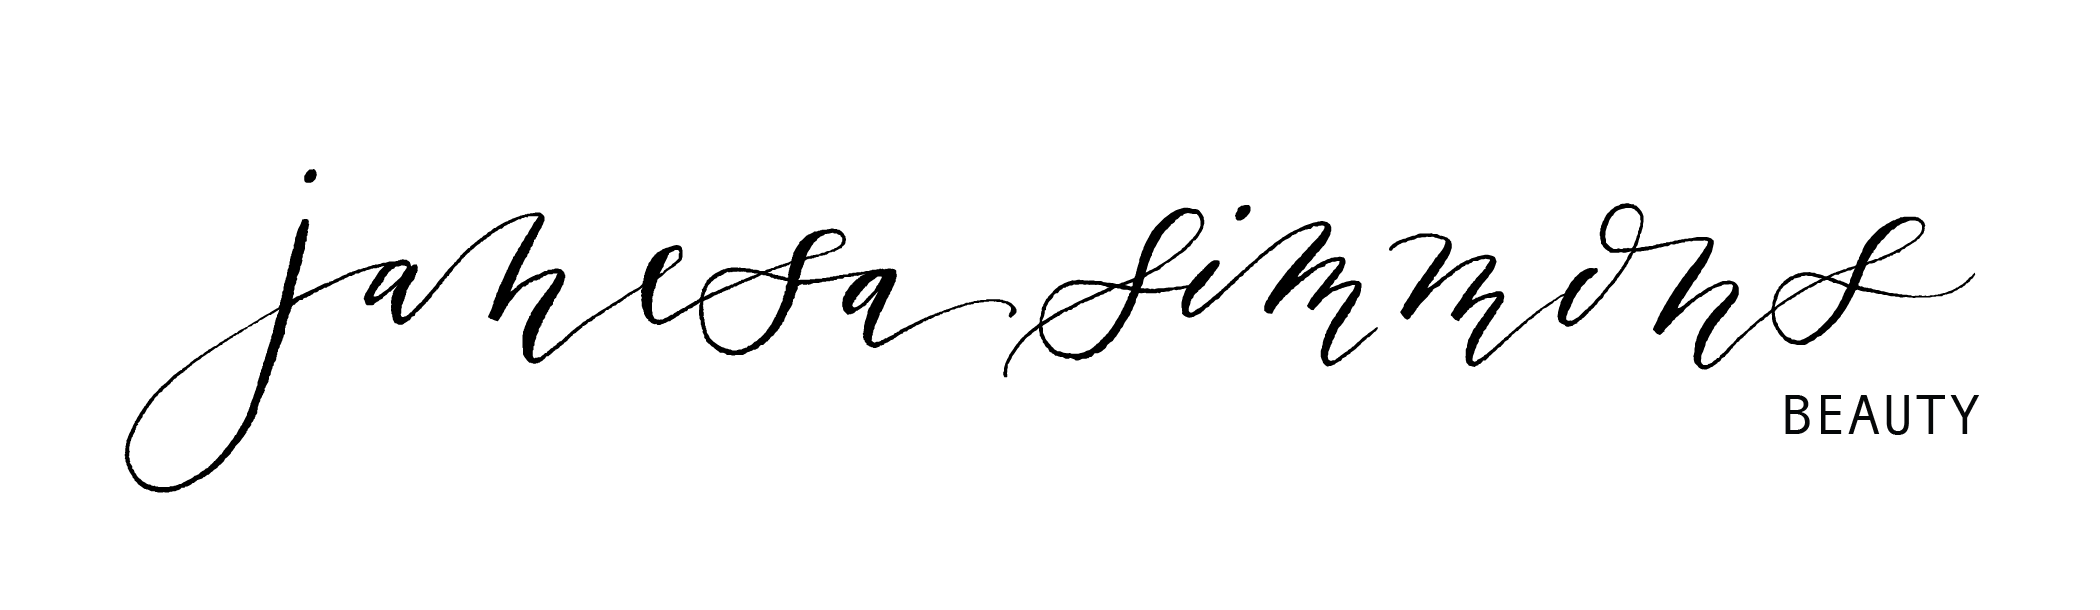 janesa logo PNG 2.png